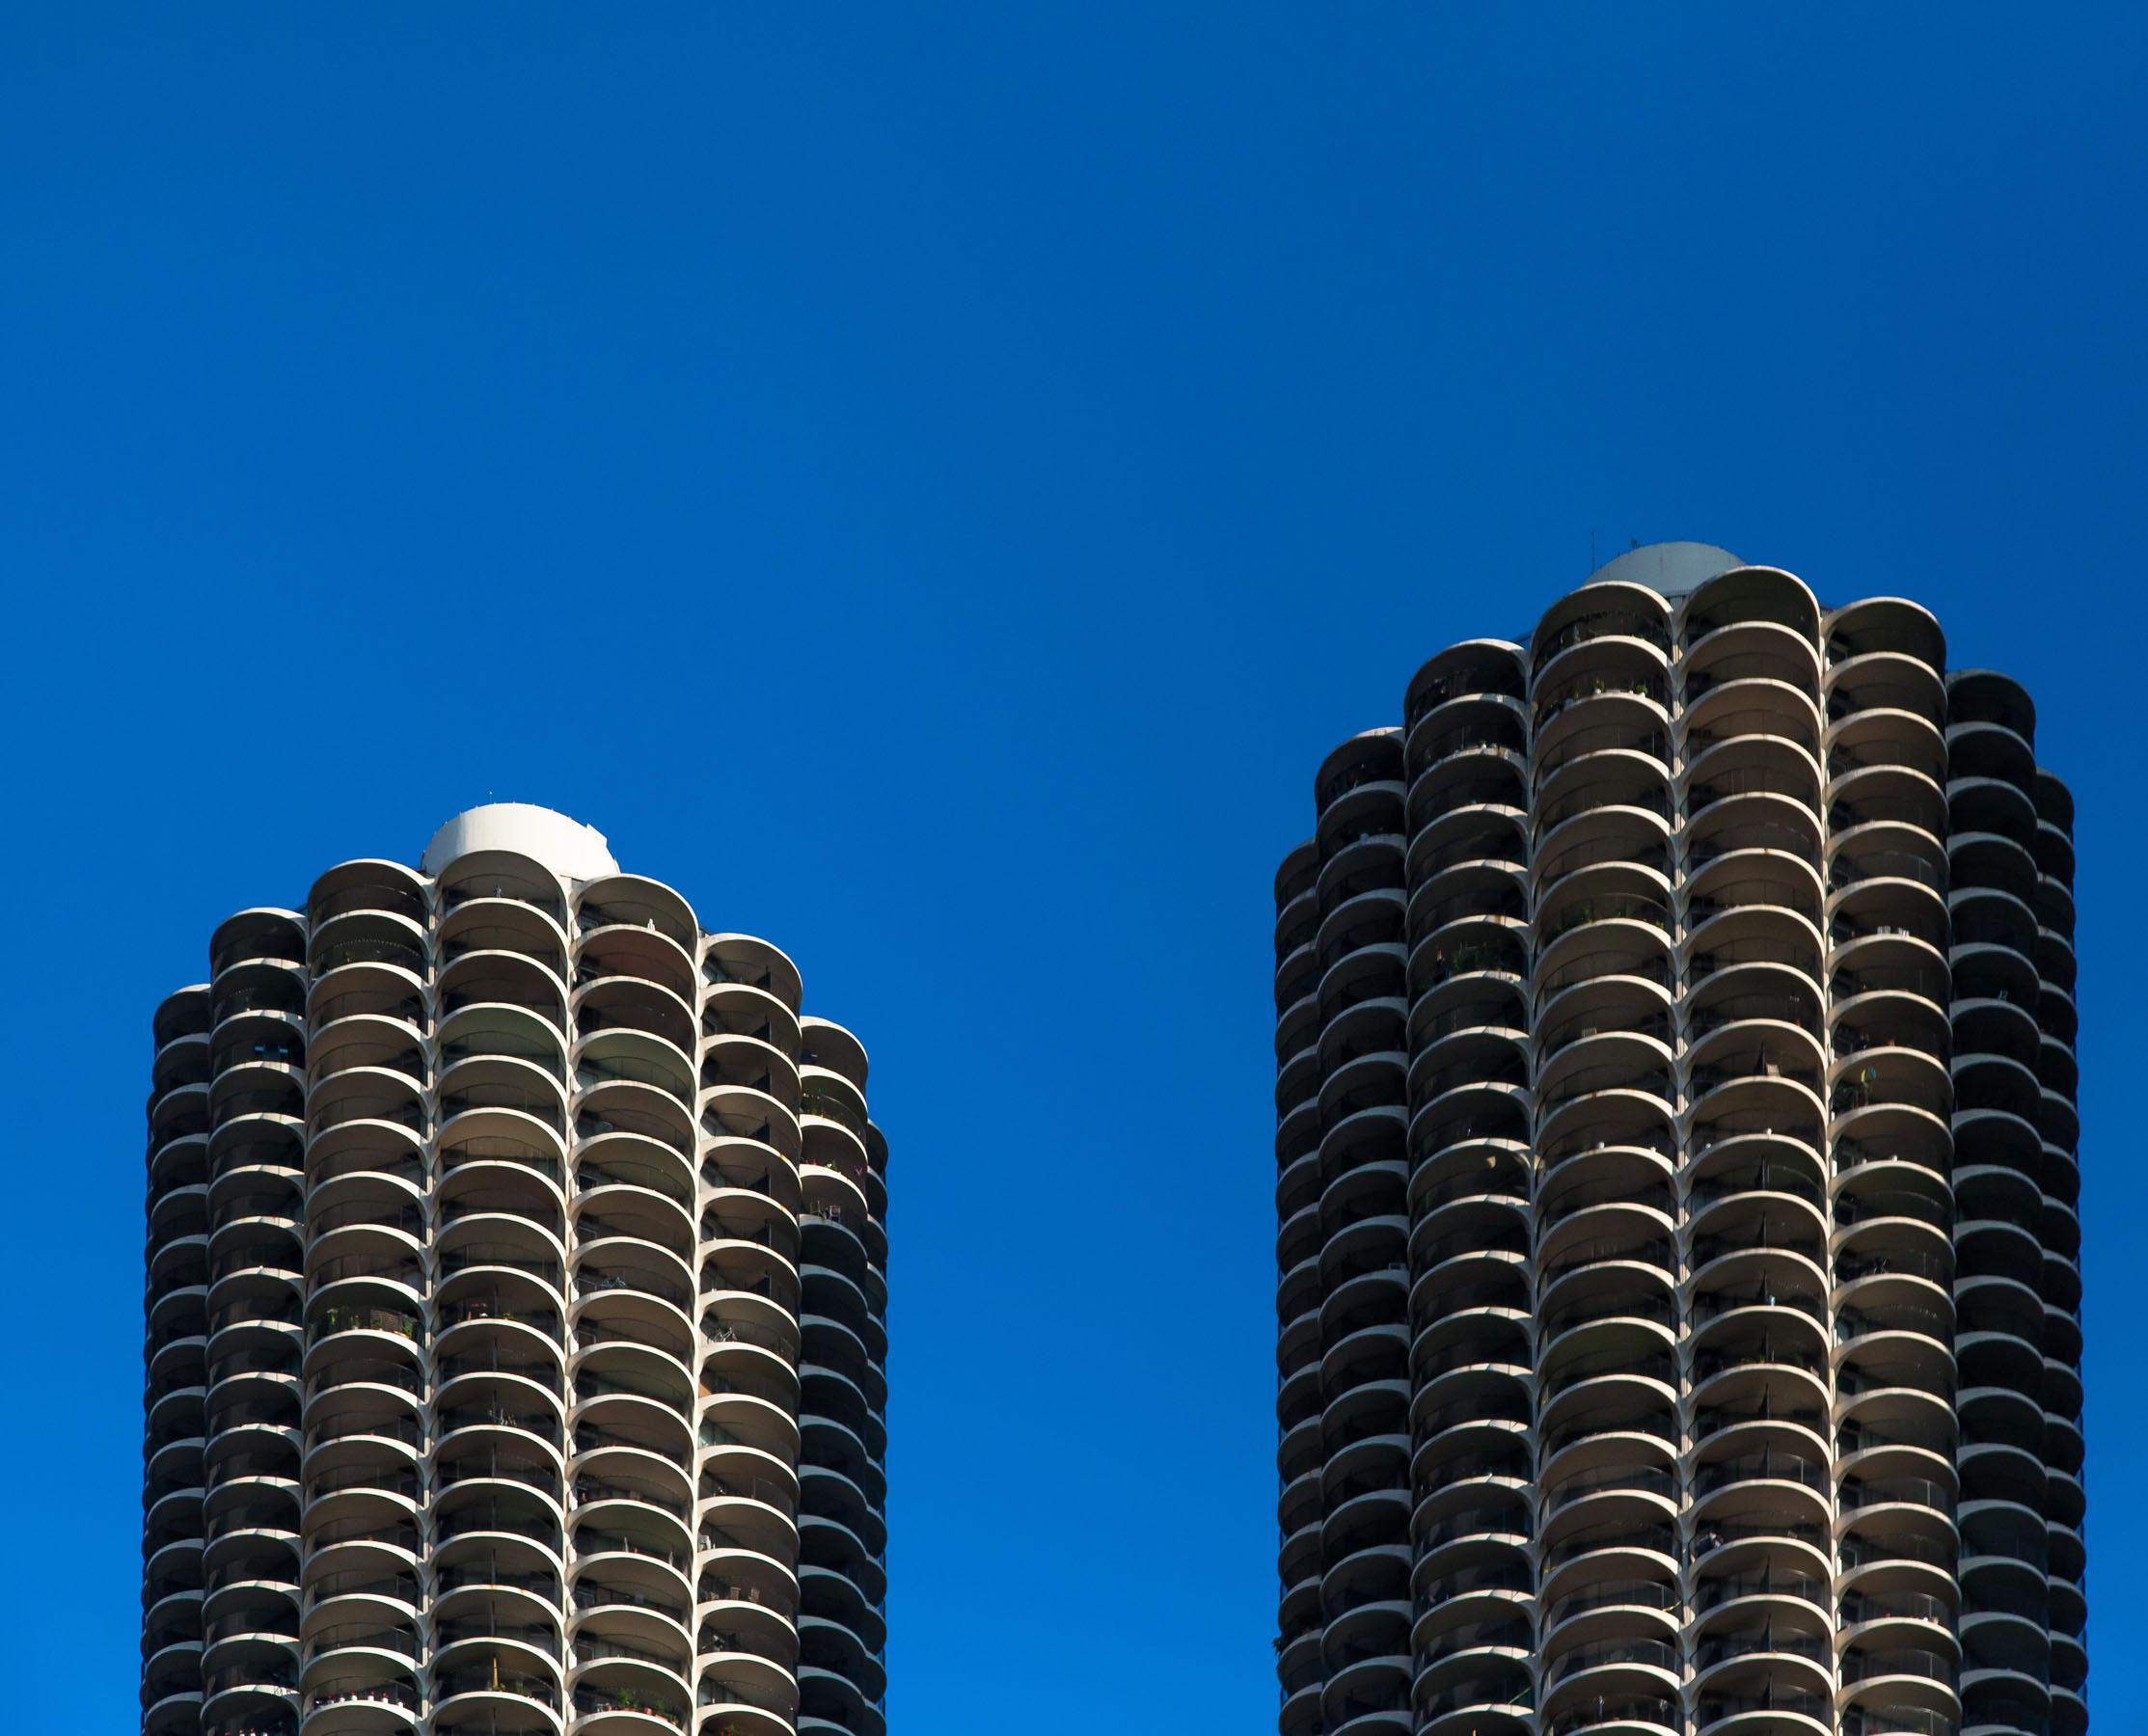 Chicago 2015_309.jpg